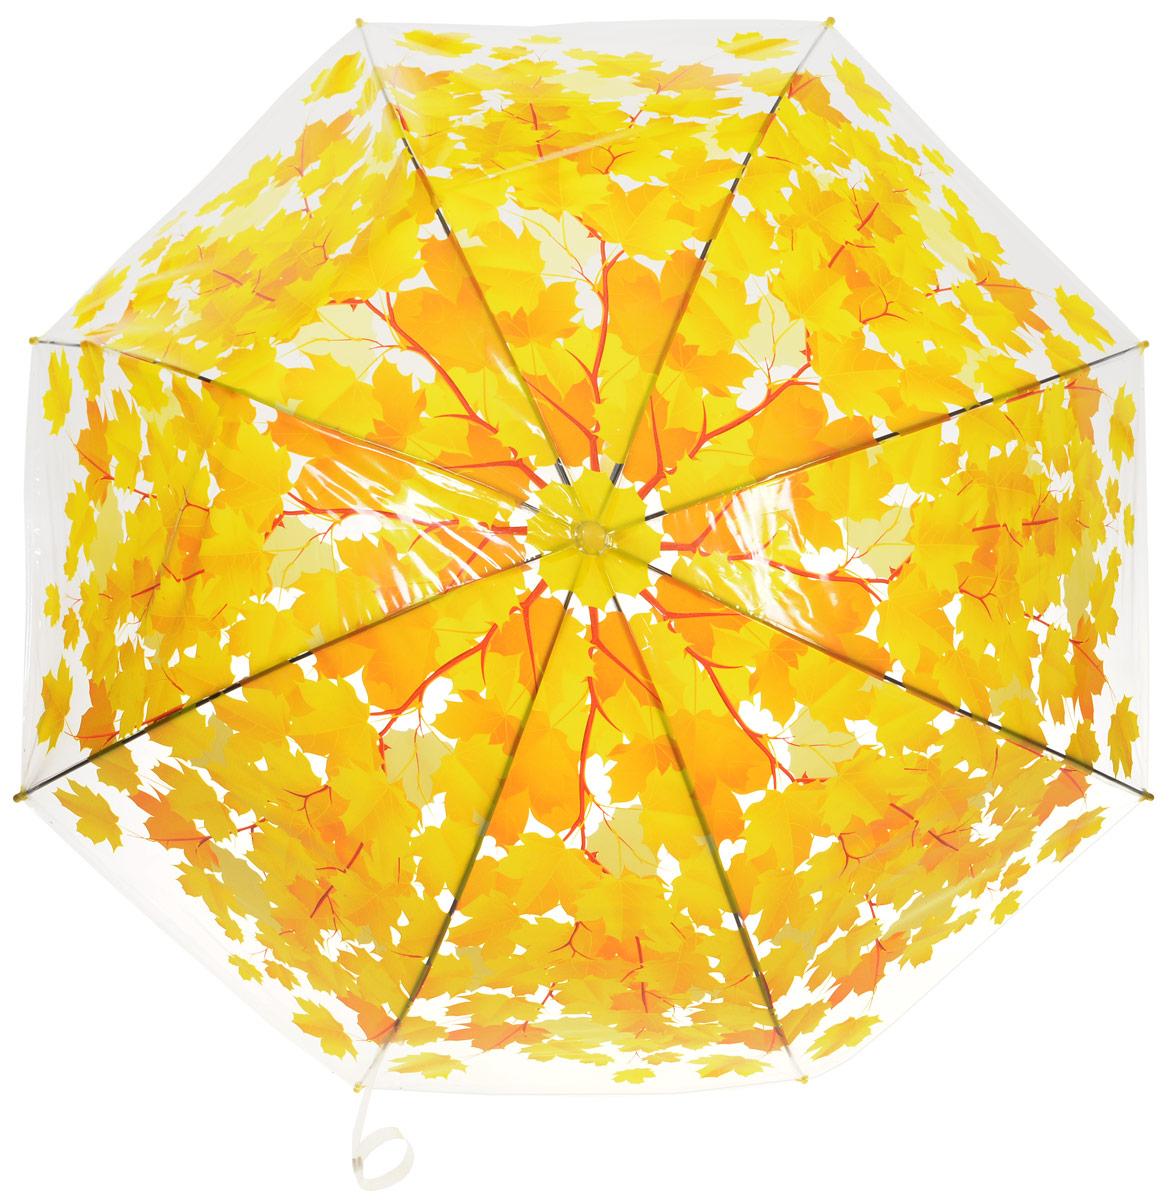 Зонт-трость женский Эврика Листья, полуавтомат, цвет: желтый. 9656796567Оригинальный и элегантный женский зонт-трость Эврика порадует своим оформлением даже в ненастную погоду. Зонт состоит из восьми спиц и стержня выполненных из качественного металла. Купол выполнен из качественного полиэтилена, который не пропускает воду и оформлен красочным рисунком. Зонт дополнен удобной пластиковой ручкой в виде крючка. Изделие имеет механический способ сложения: и купол, и стержень открываются и закрываются вручную до характерного щелчка. Зонт закрывается хлястиком на кнопку. Такой зонт не оставит вас незамеченной.